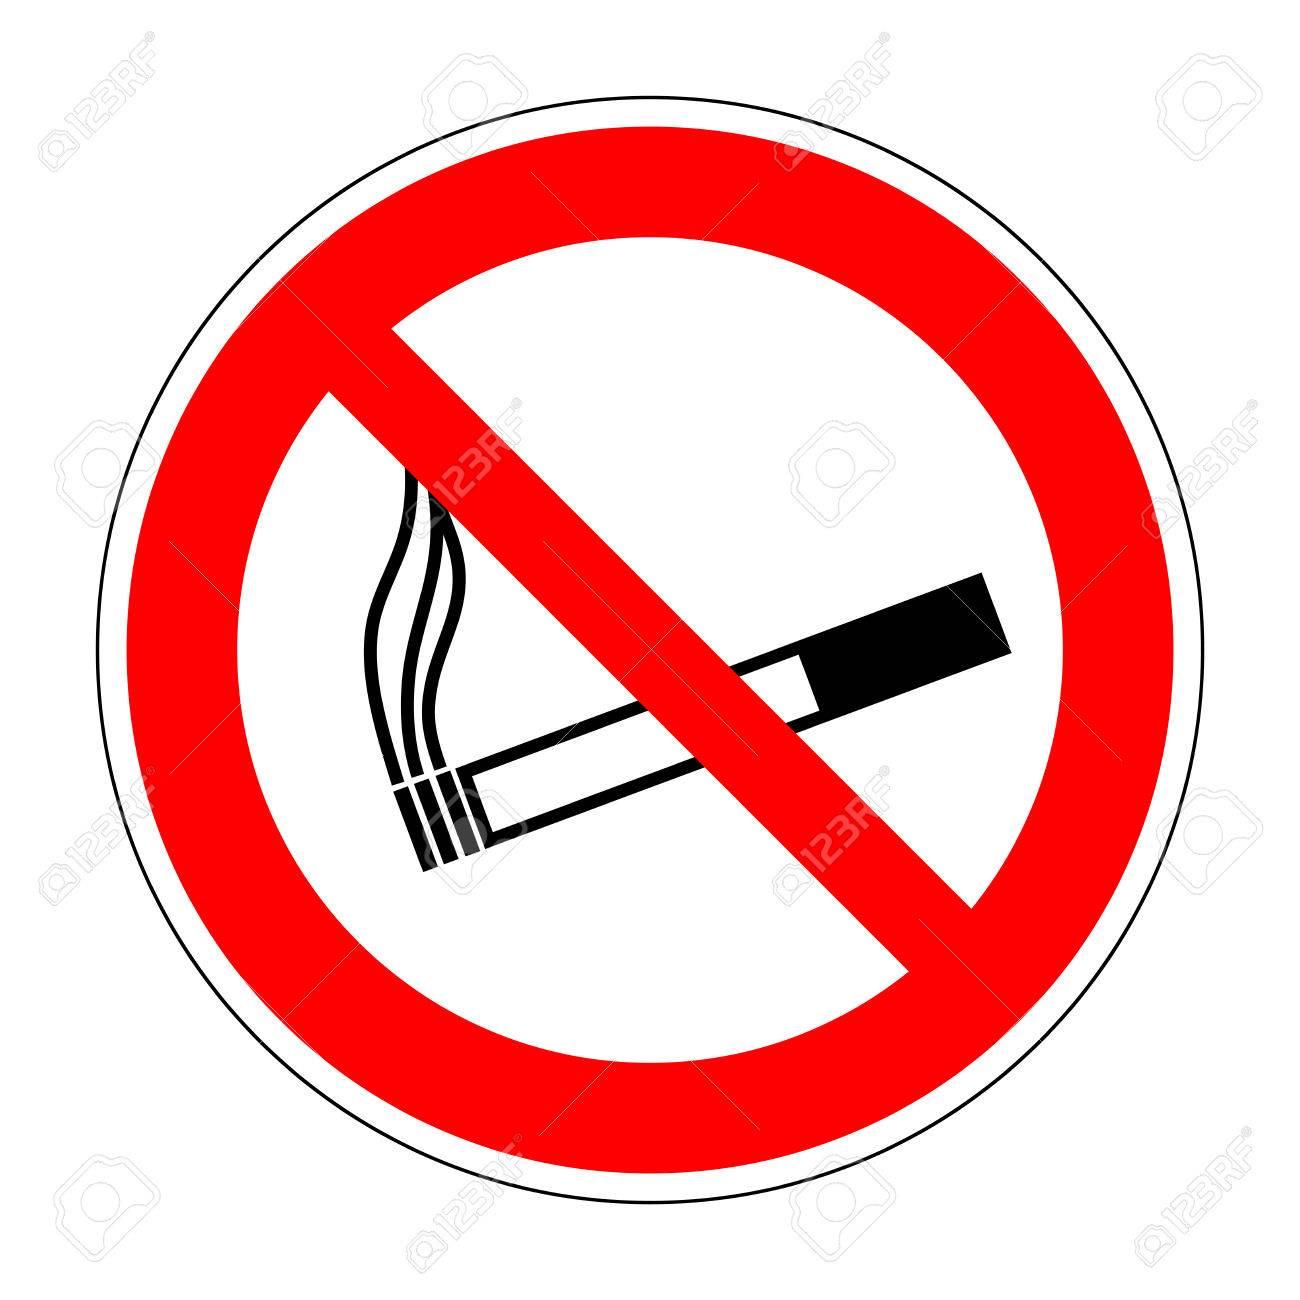 sign no smoking no